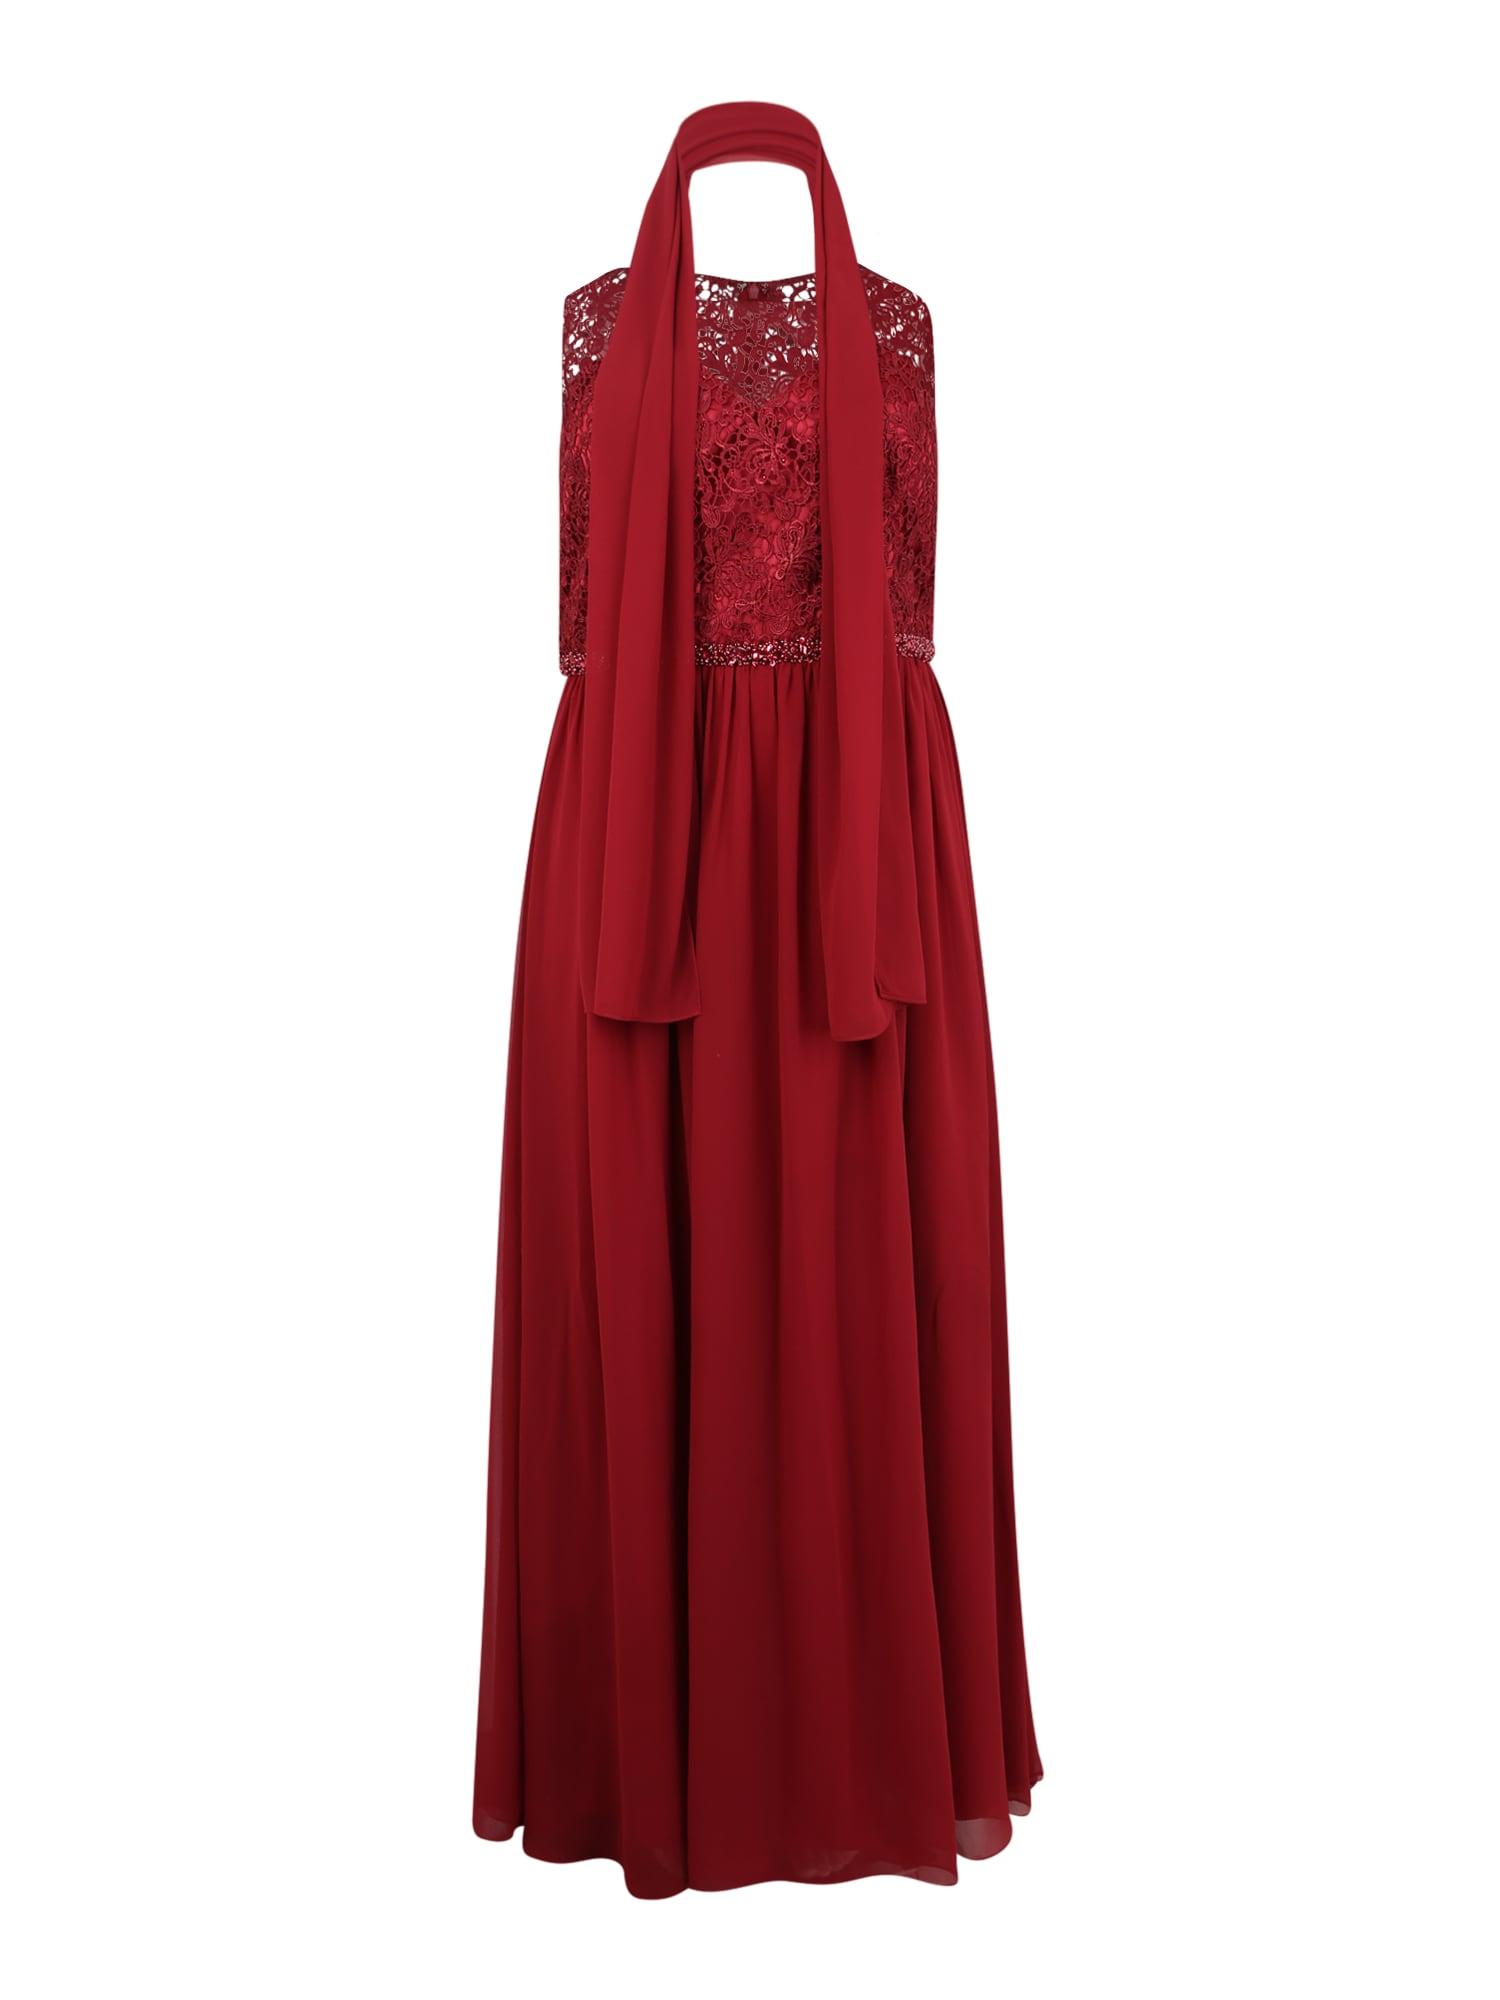 My Mascara Curves Vakarinė suknelė vyno raudona spalva